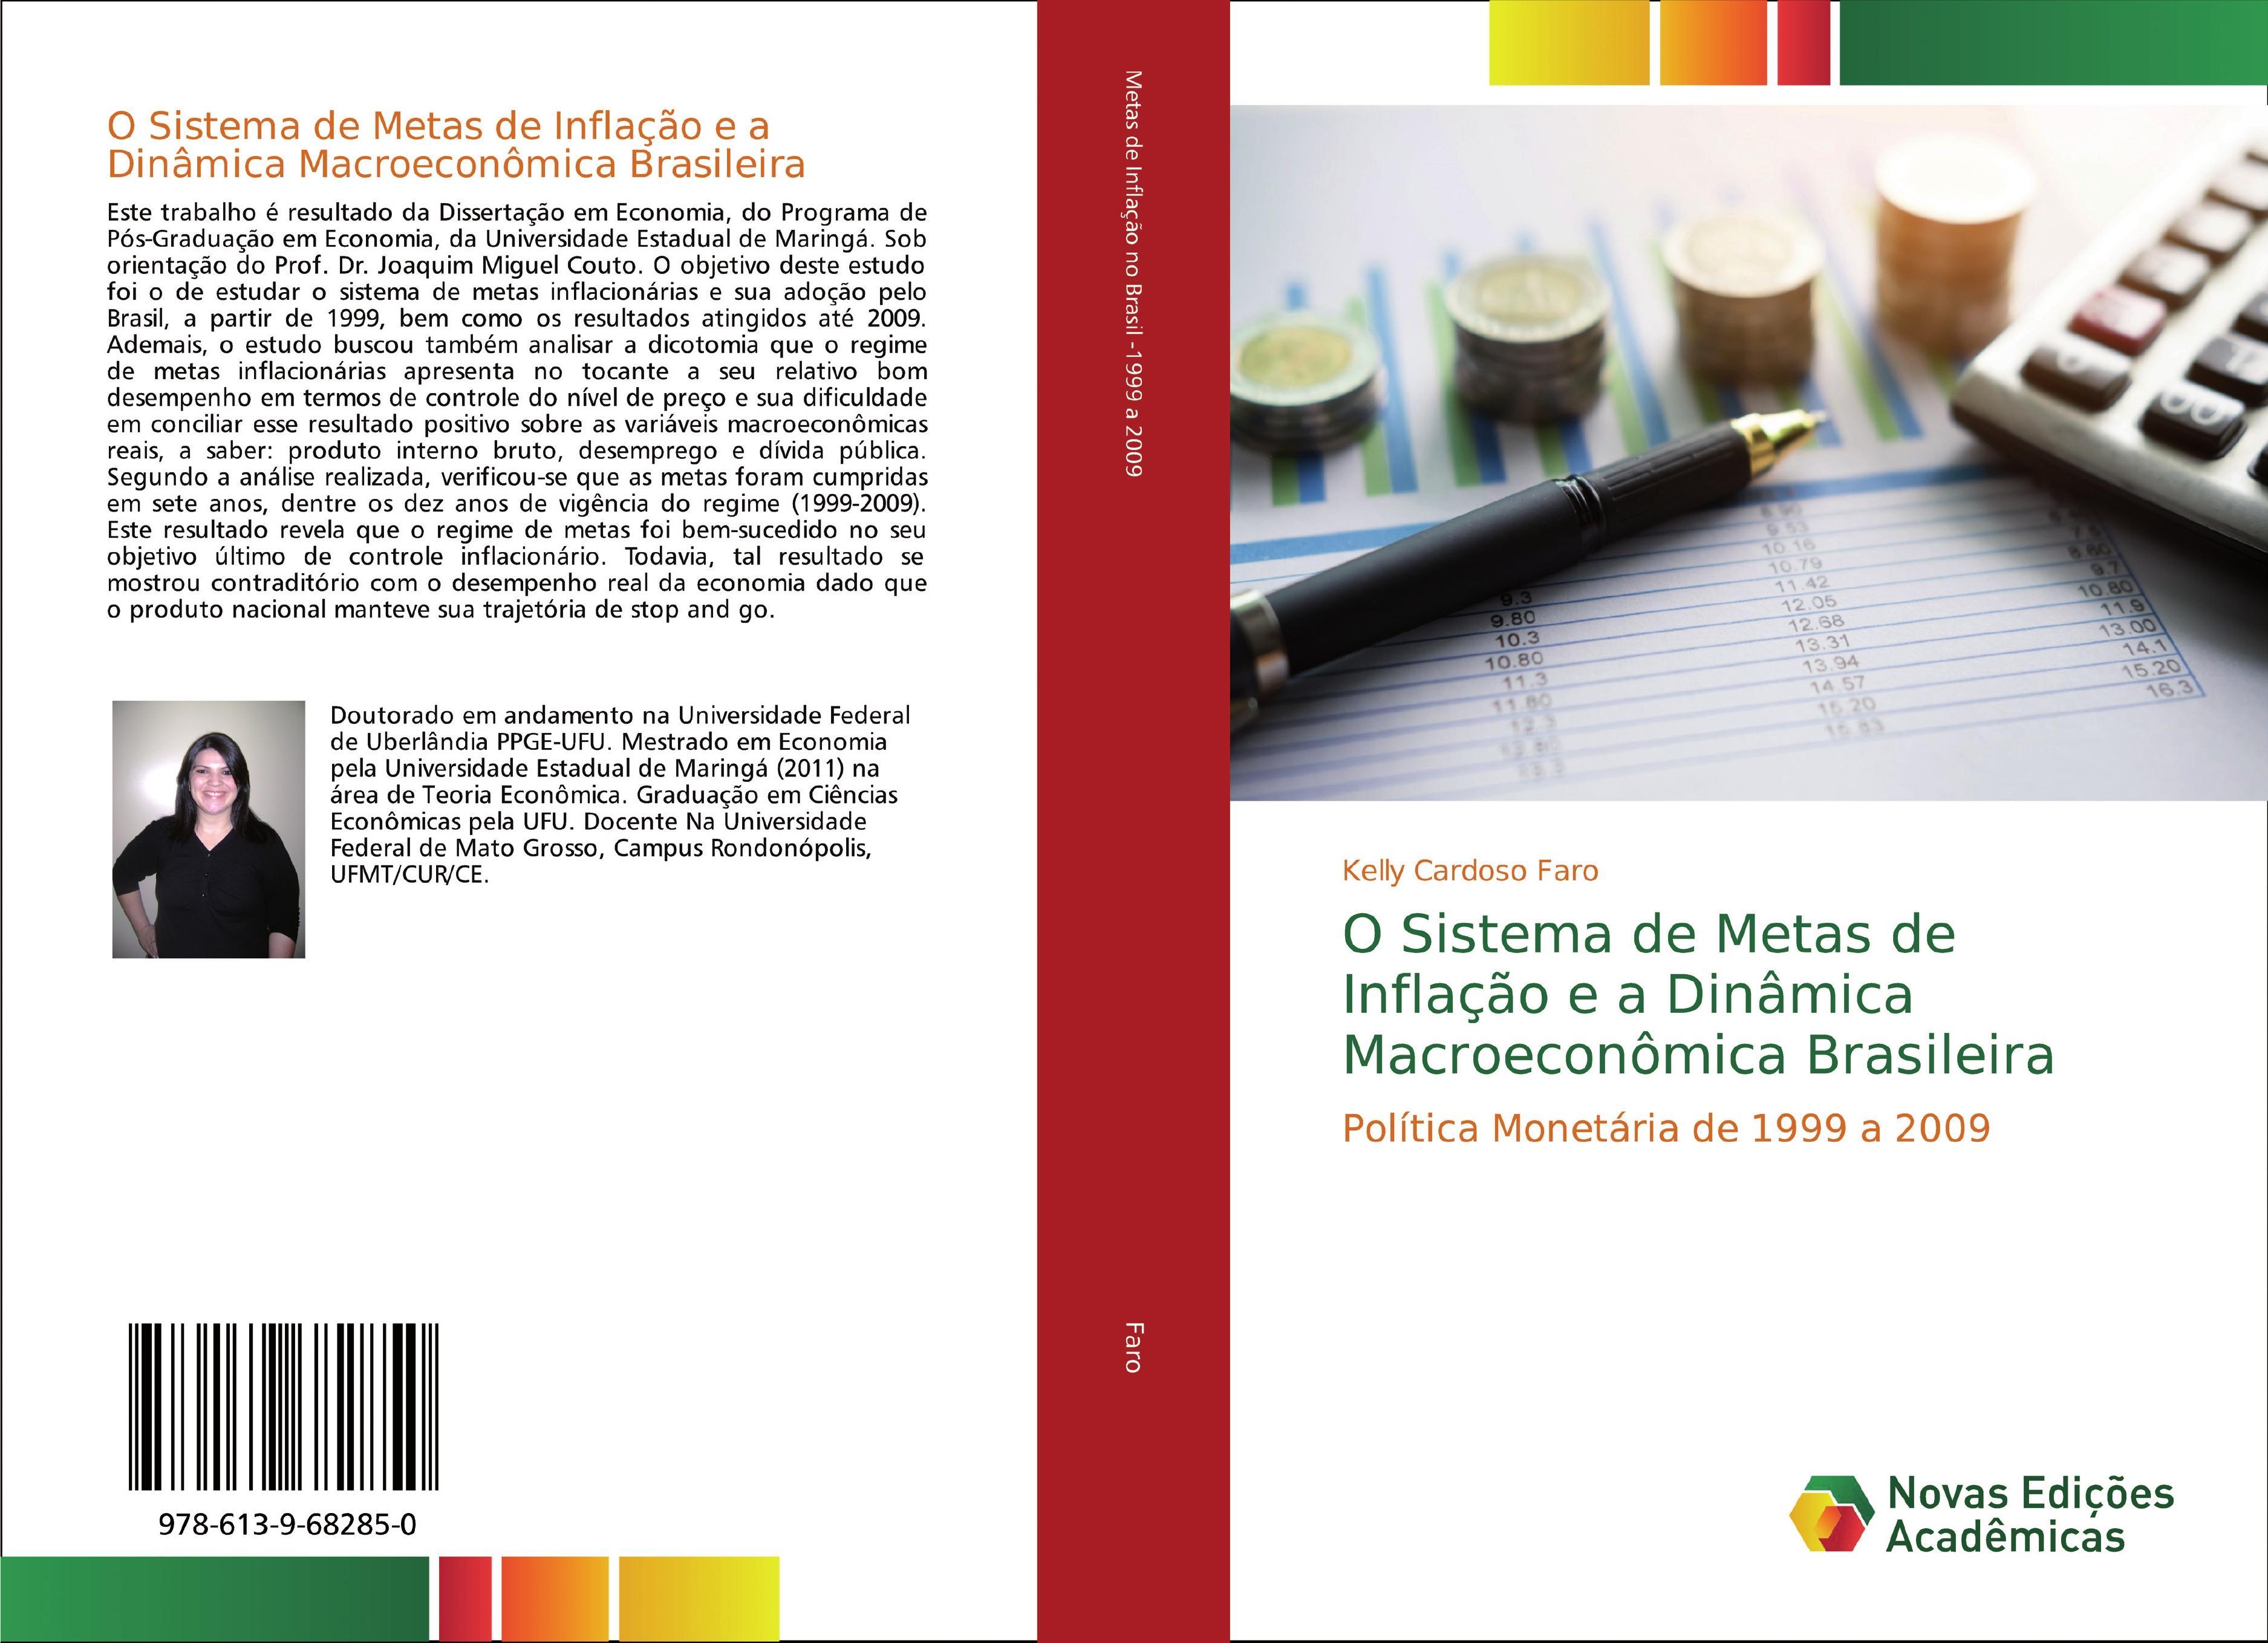 O Sistema de Metas de Inflação e a Dinâmica Macroeconômica Brasileira  Kelly Cardoso Faro  Taschenbuch  Portugiesisch  2018 - Faro, Kelly Cardoso